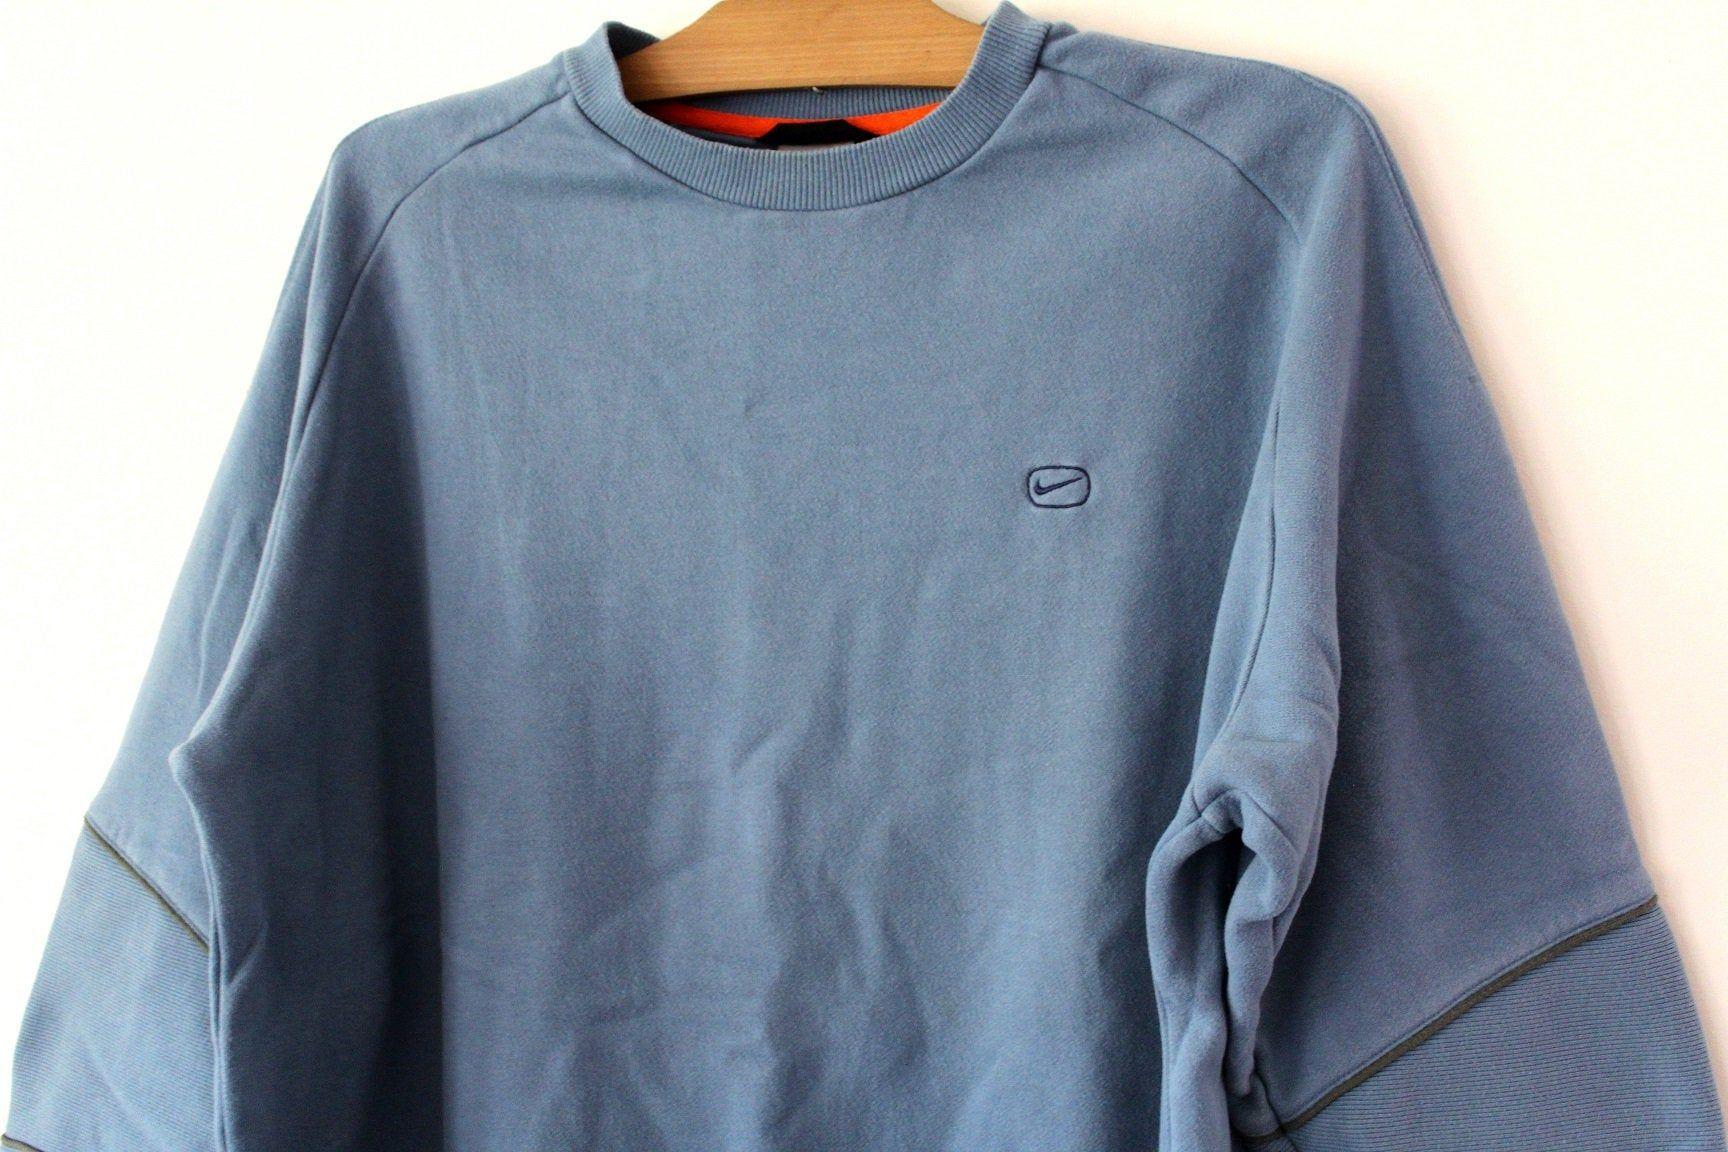 90 S Nike Sweatshirt Vintage Nike Jumper Blue Nike Hip Etsy Nike Sweatshirts Sweatshirts Running Sweater [ 1152 x 1728 Pixel ]